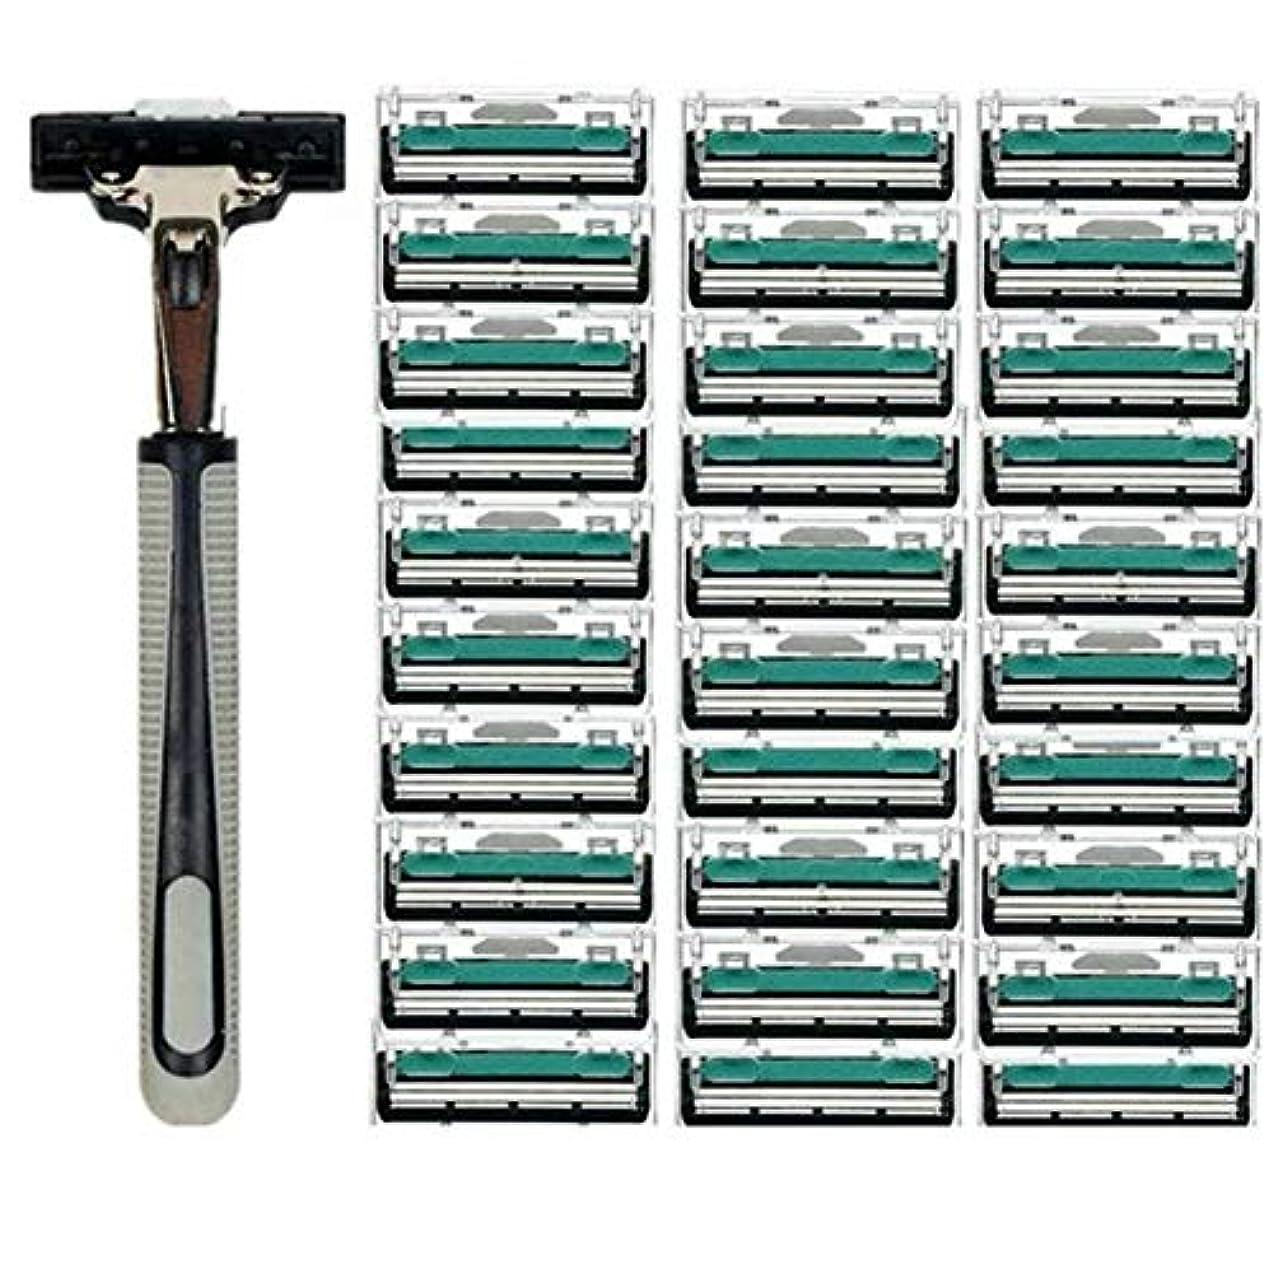 を必要としています羽素晴らしいですTerGOOSE 髭剃り 二重層 本体+替刃30コ付 安全 携帯便利